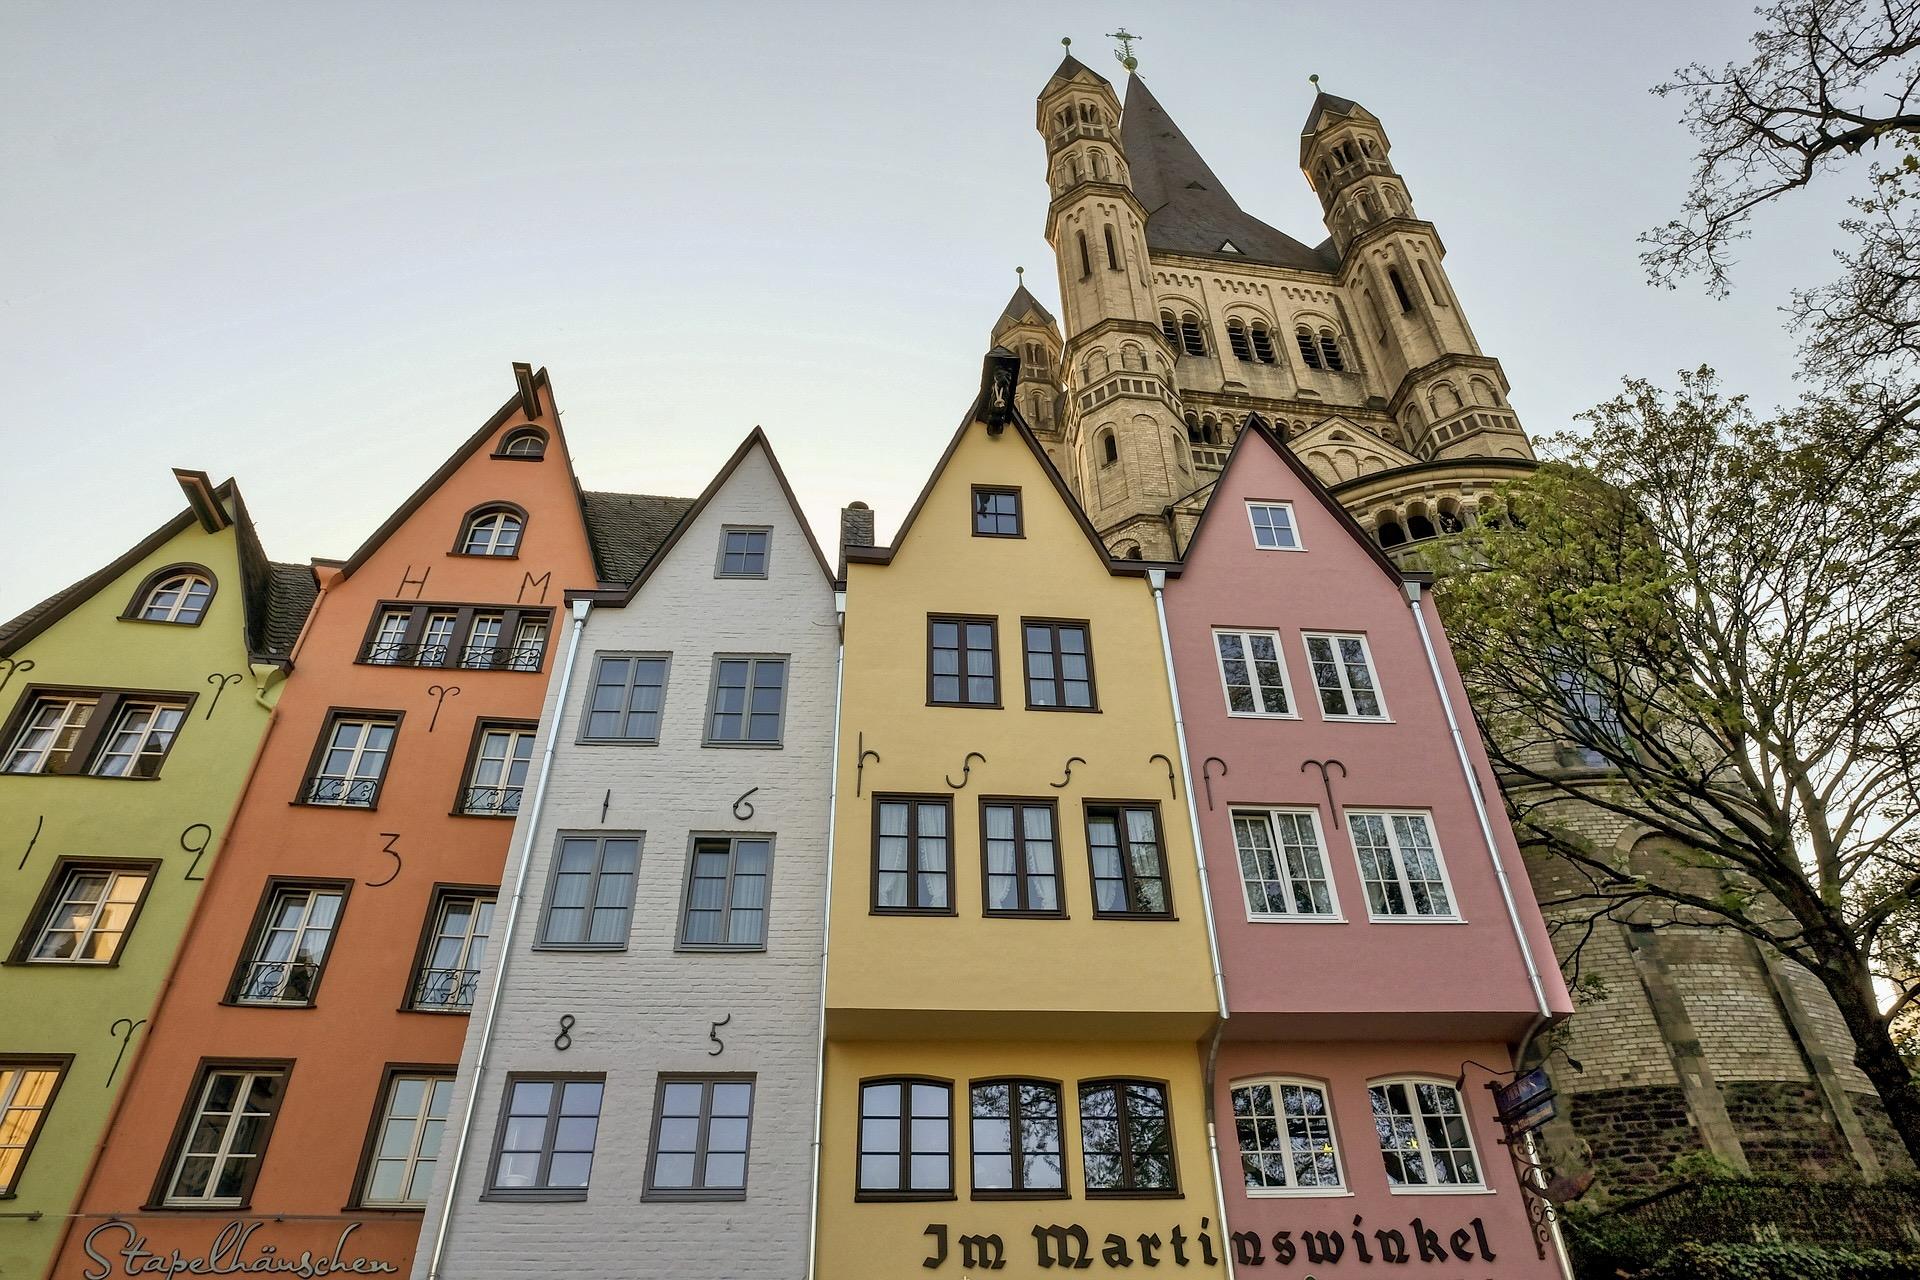 Architektur am Alter Markt in Köln